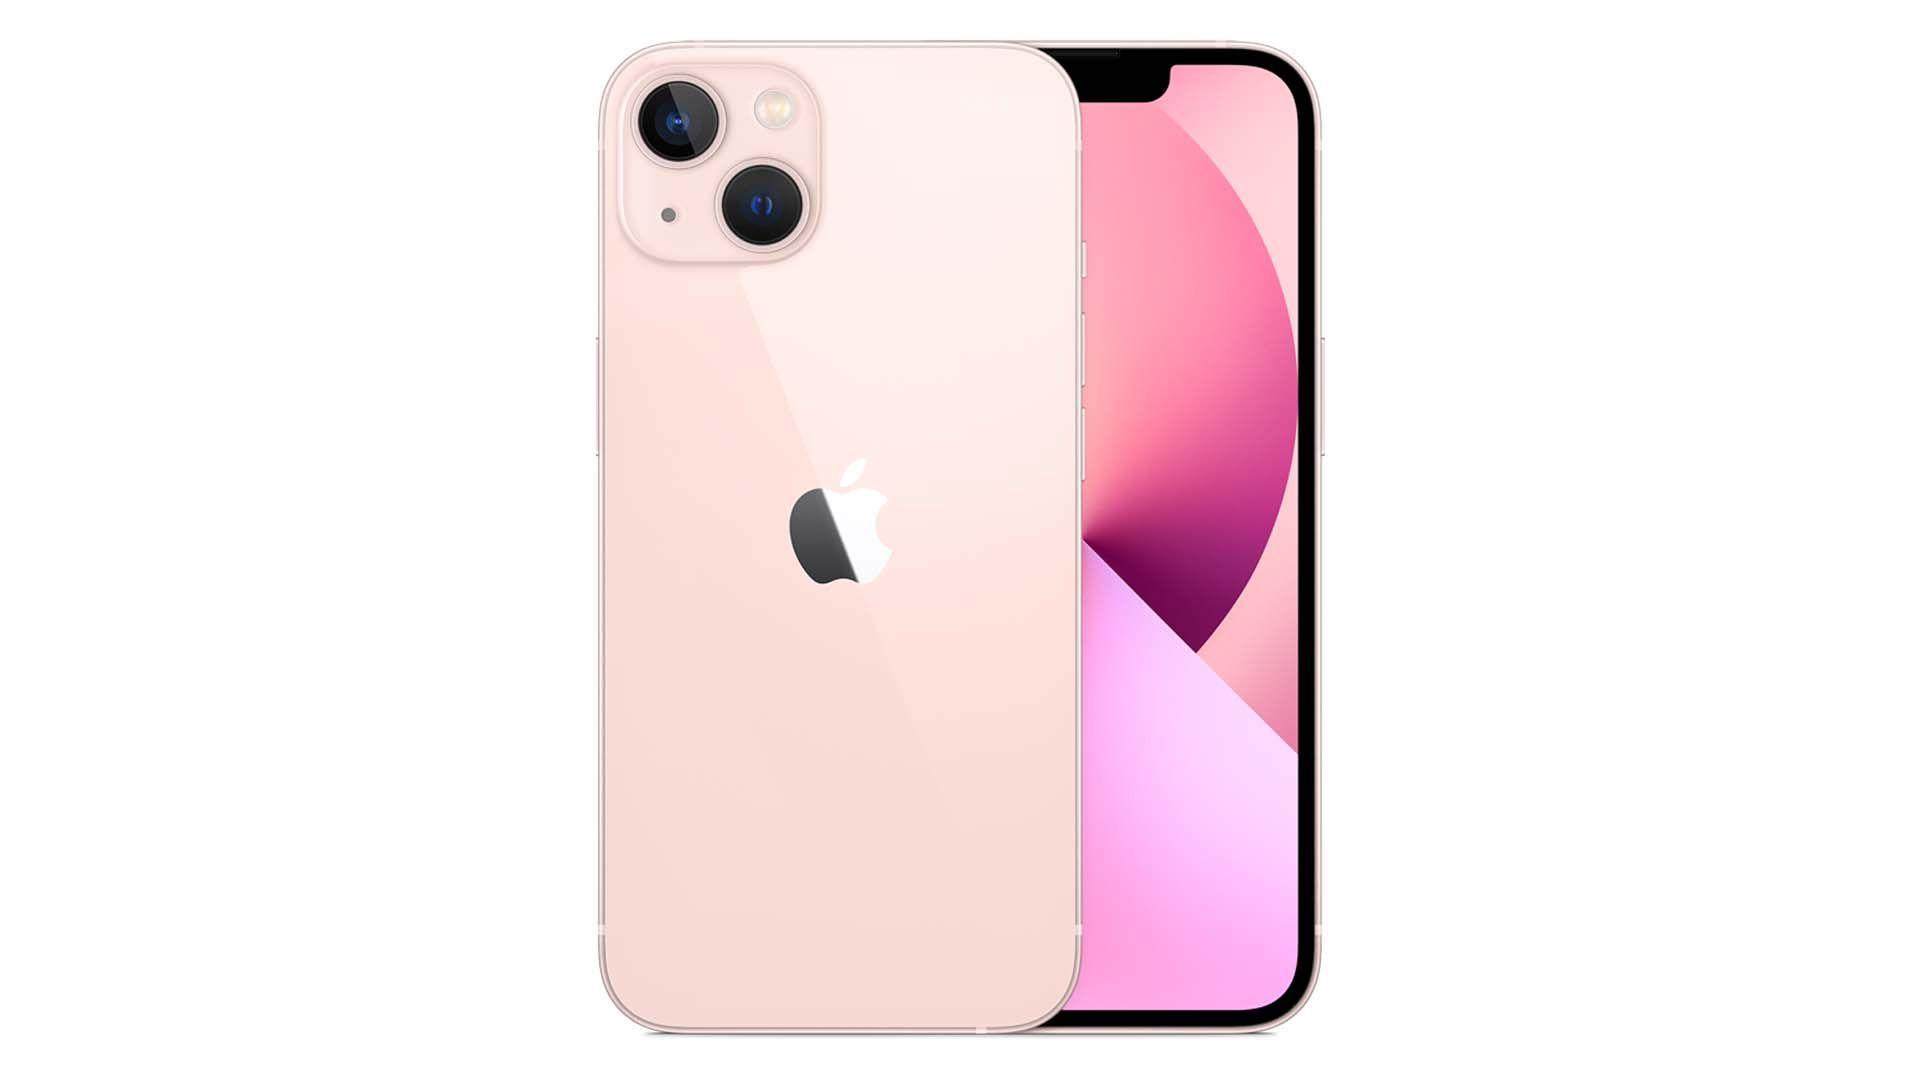 Foto do iPhone 13 rosa frente e verso